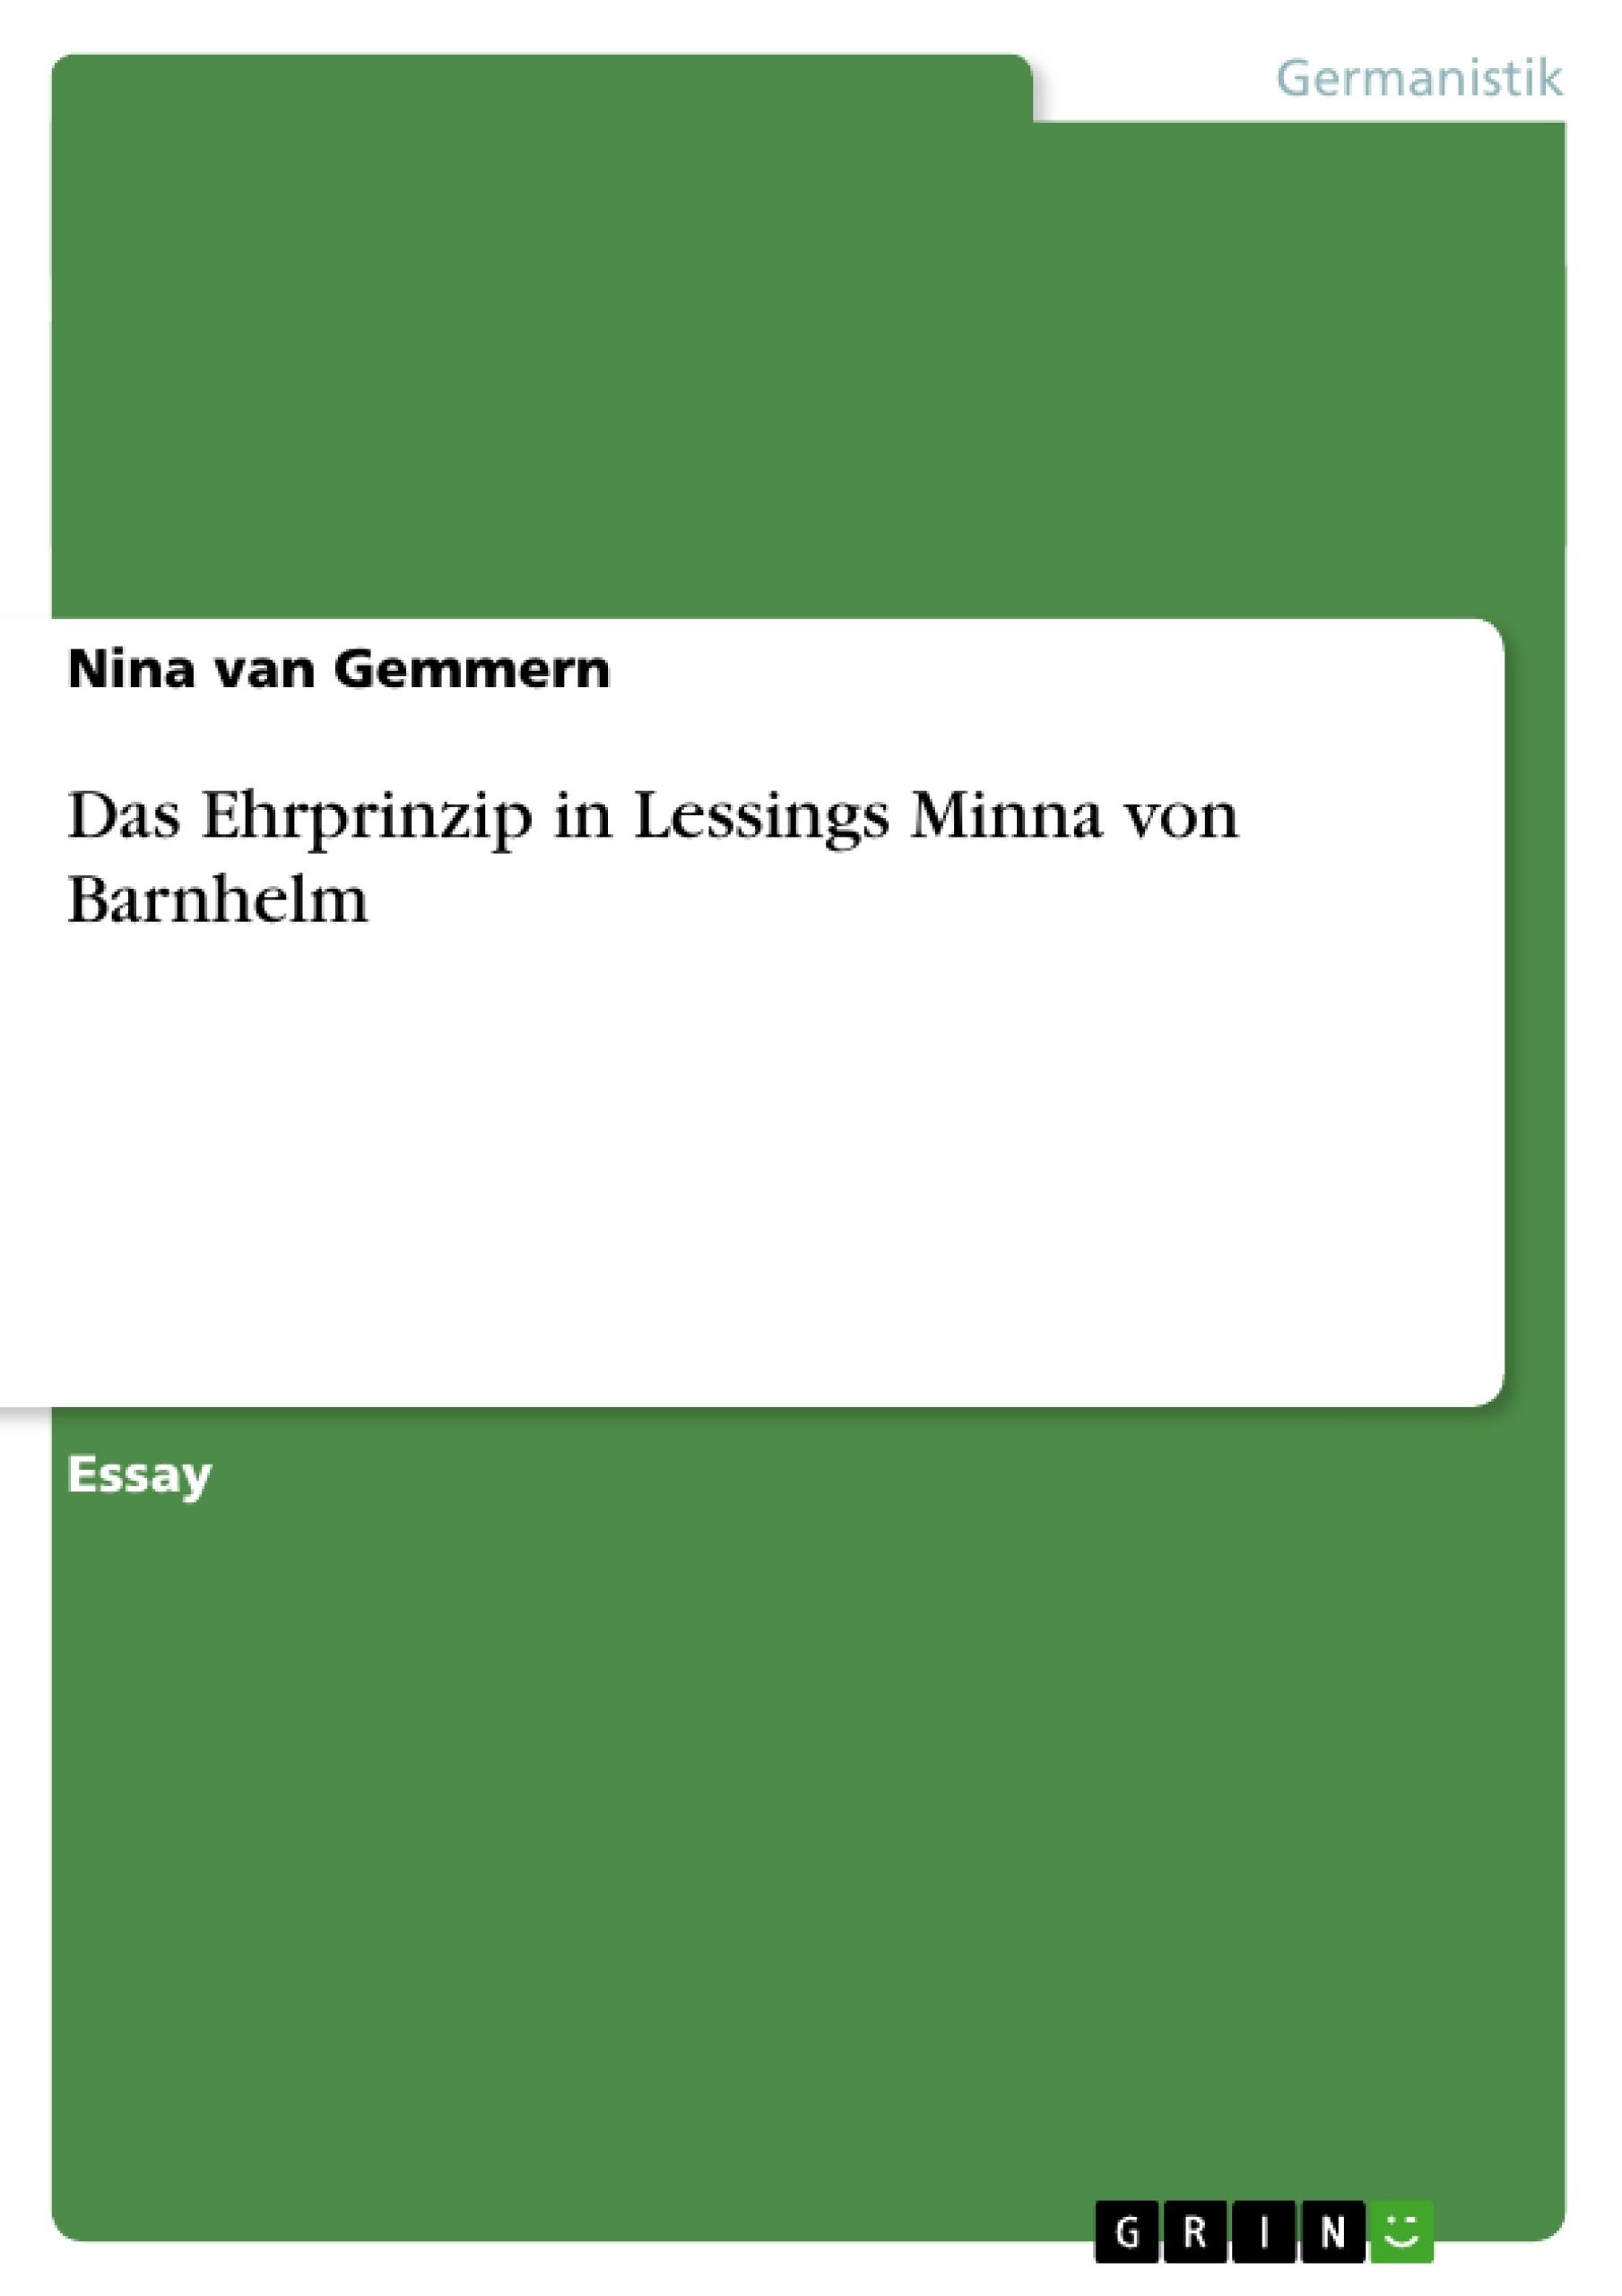 Titel: Das Ehrprinzip in Lessings Minna von Barnhelm